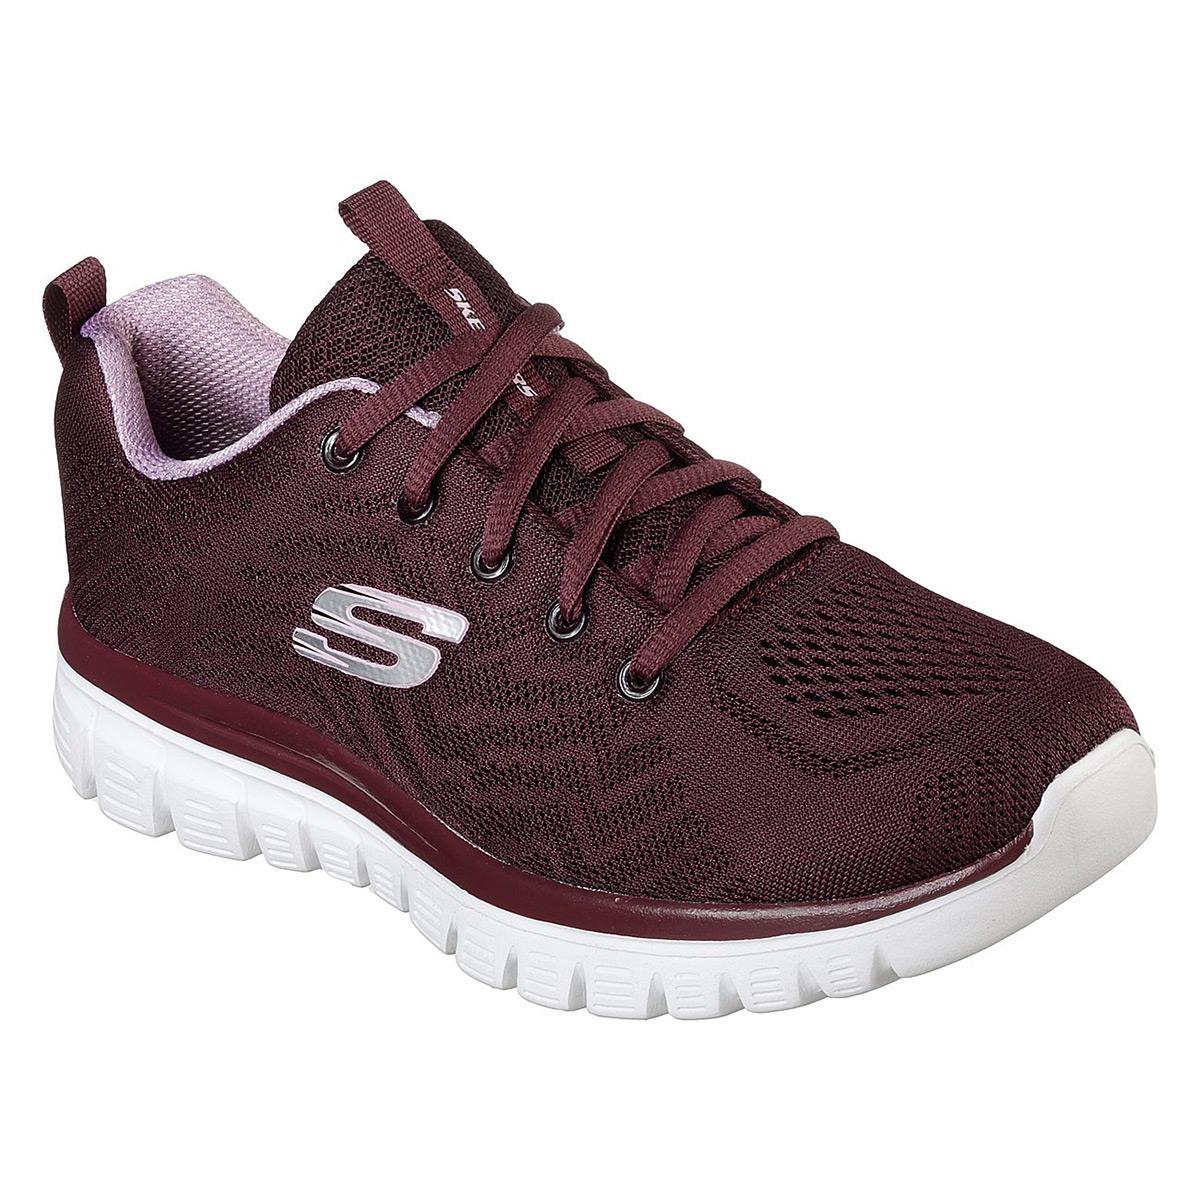 Skechers GRACEFUL-GET CONNECTED Kadın Ayakkabısı SKC12615 WINE